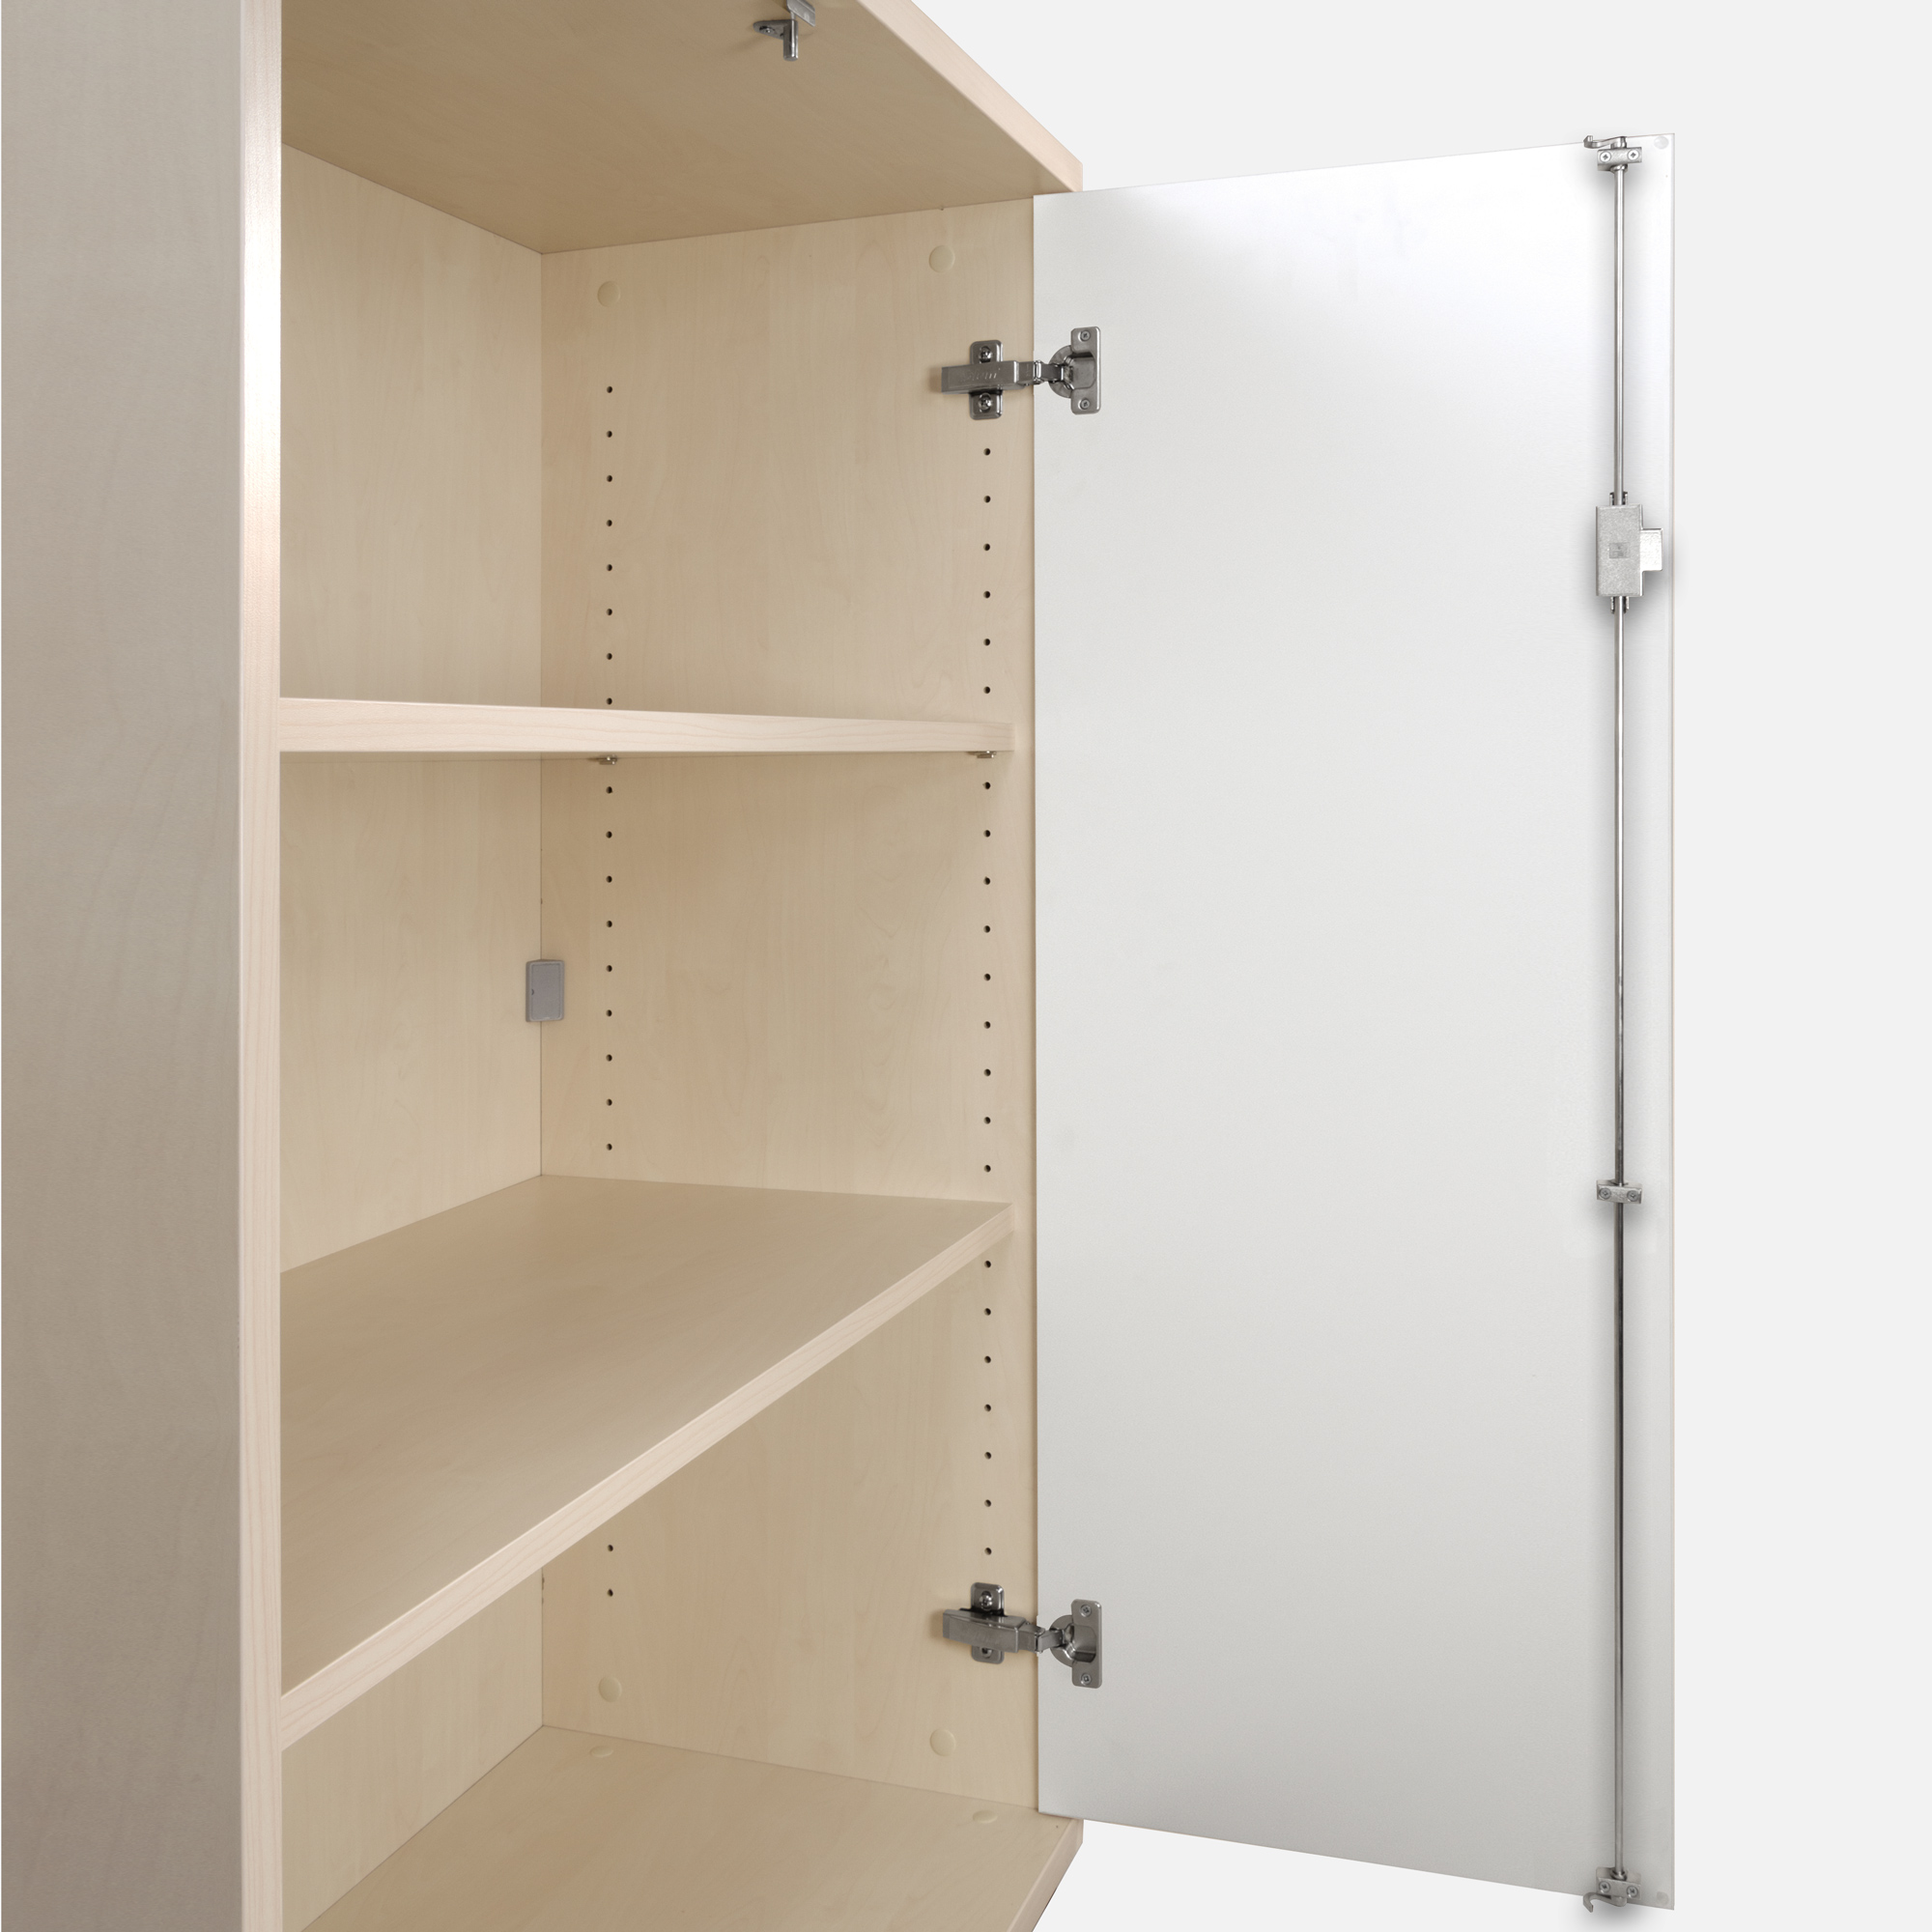 PROFI Schrankwand abschließbar Schrank Büroschrank Flügeltürenschrank Regalschrank 3 OH Ahorn/Weiß